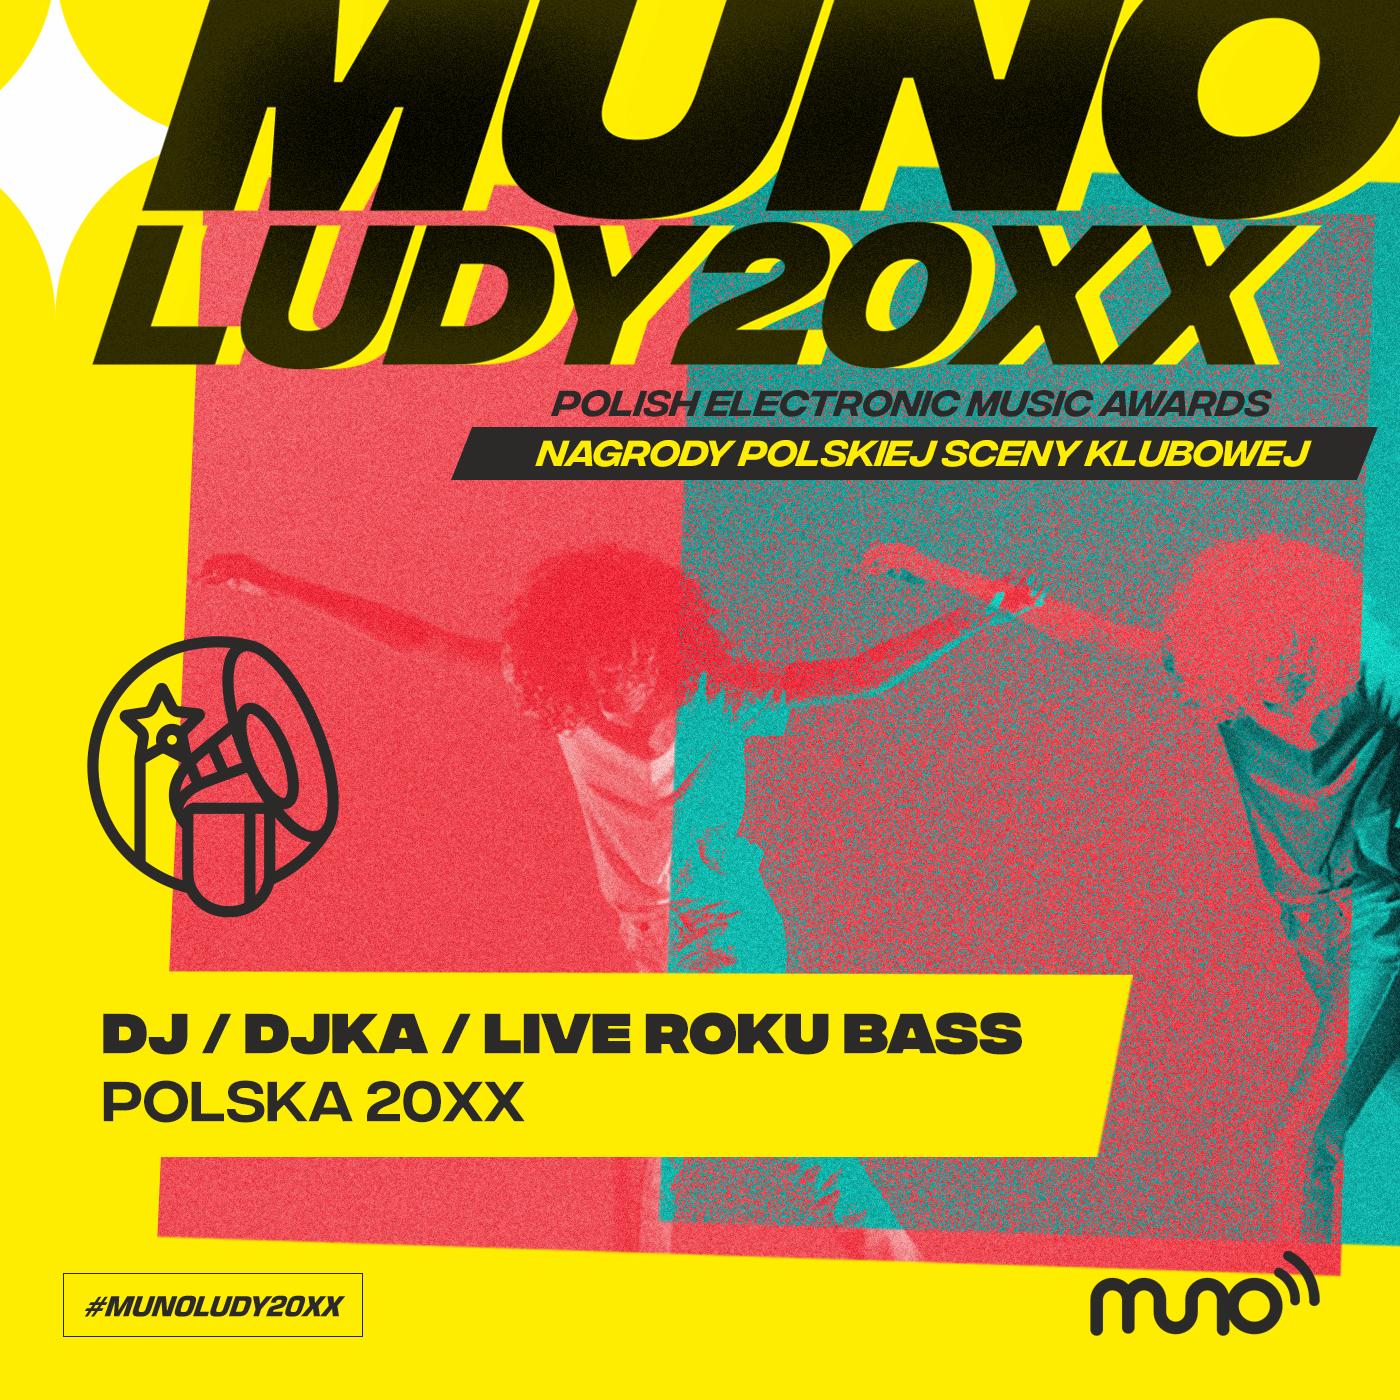 Munoludy 20XX DJ DJka Live Roku Bass Polska 20XX